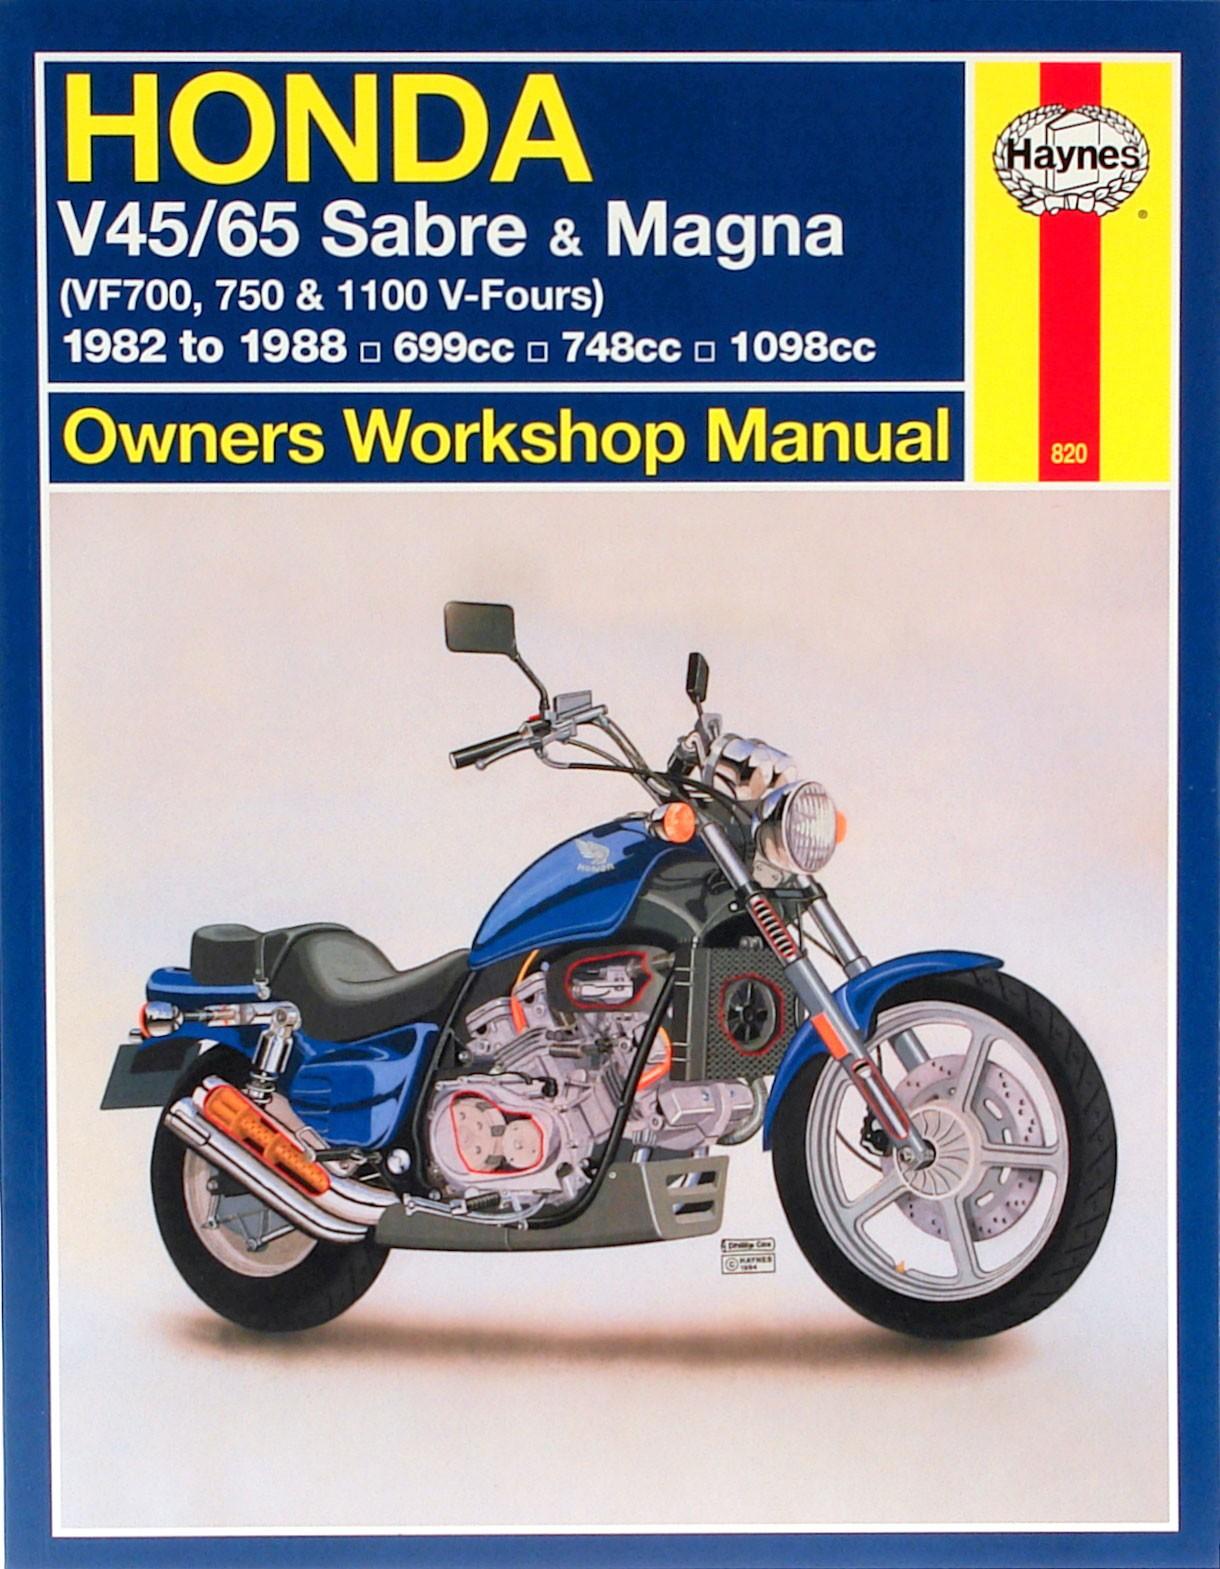 HAYNES Repair Manual - Honda 700/750 Sabre 82-85; 700/750 Magna 82-88; ...